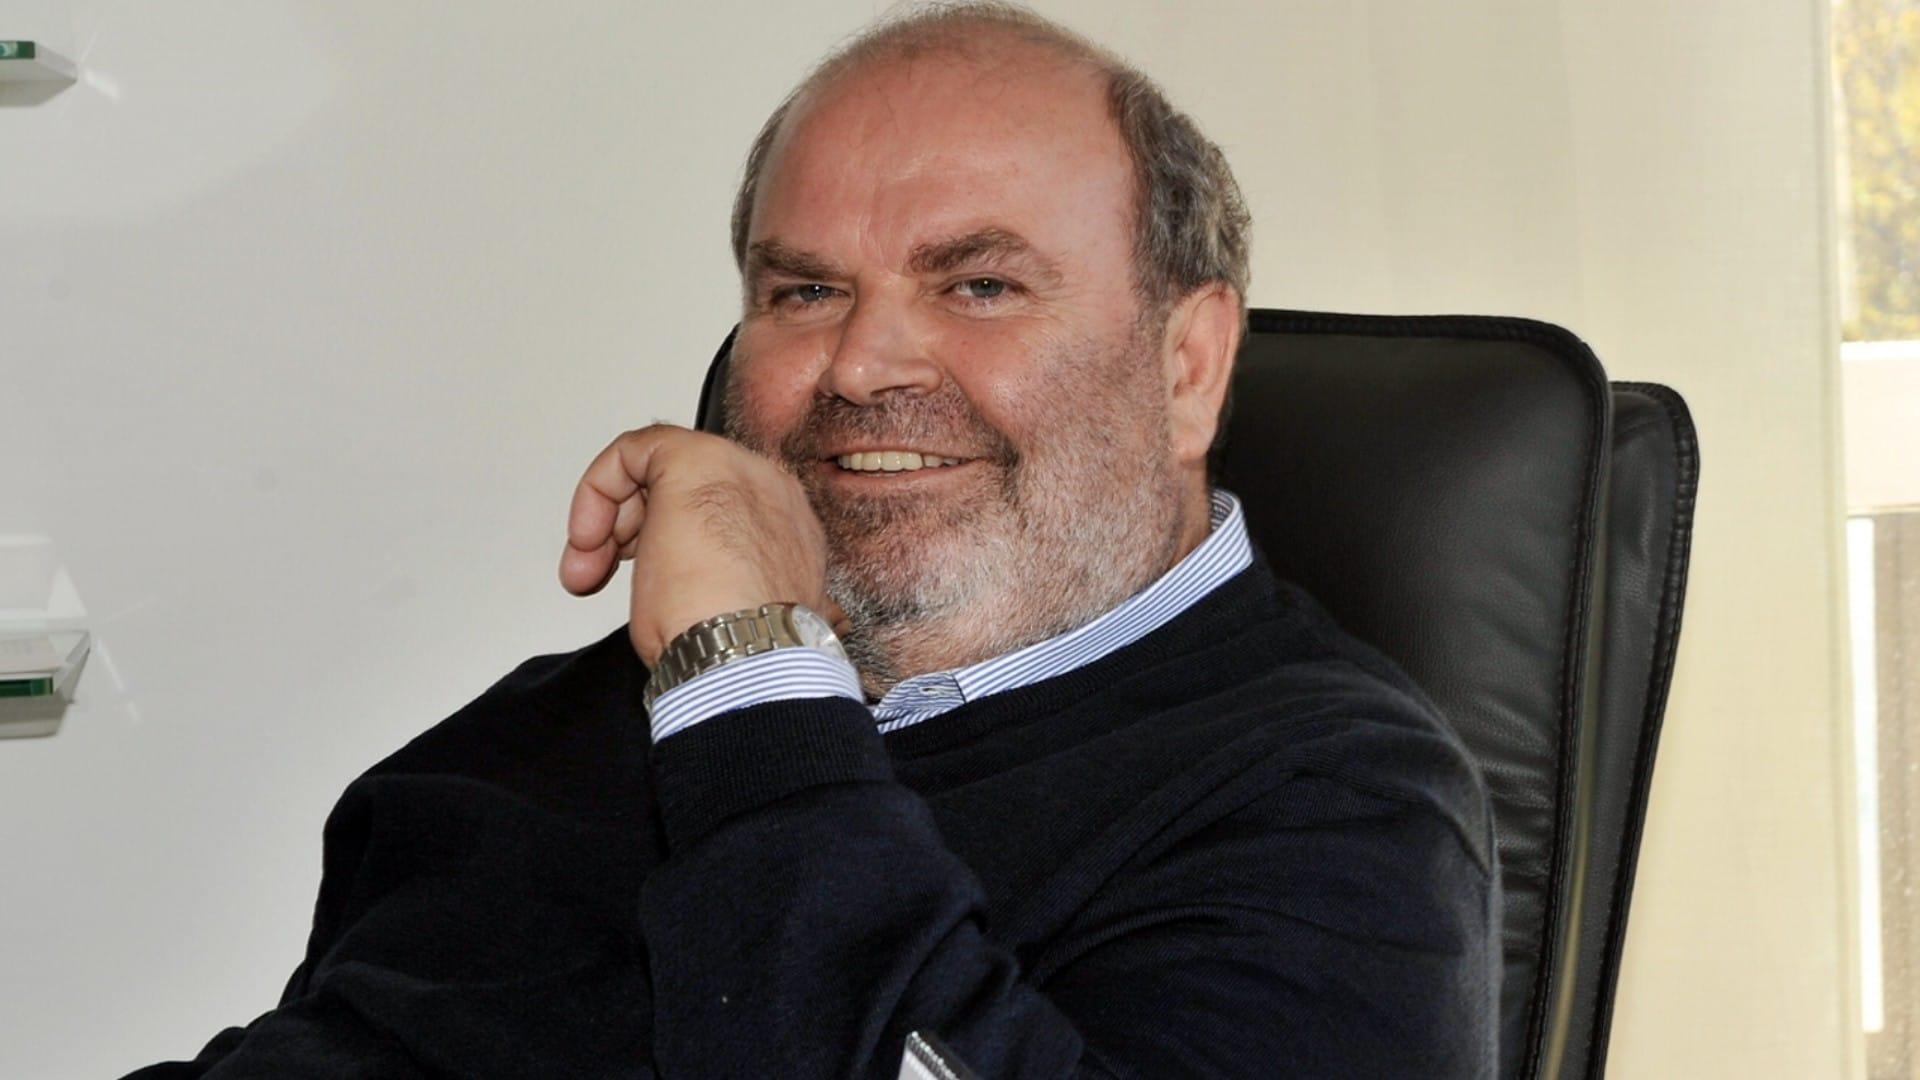 Intervista Di Libero A Mario Caizzone, Presidente Di AIVM | aivm.it